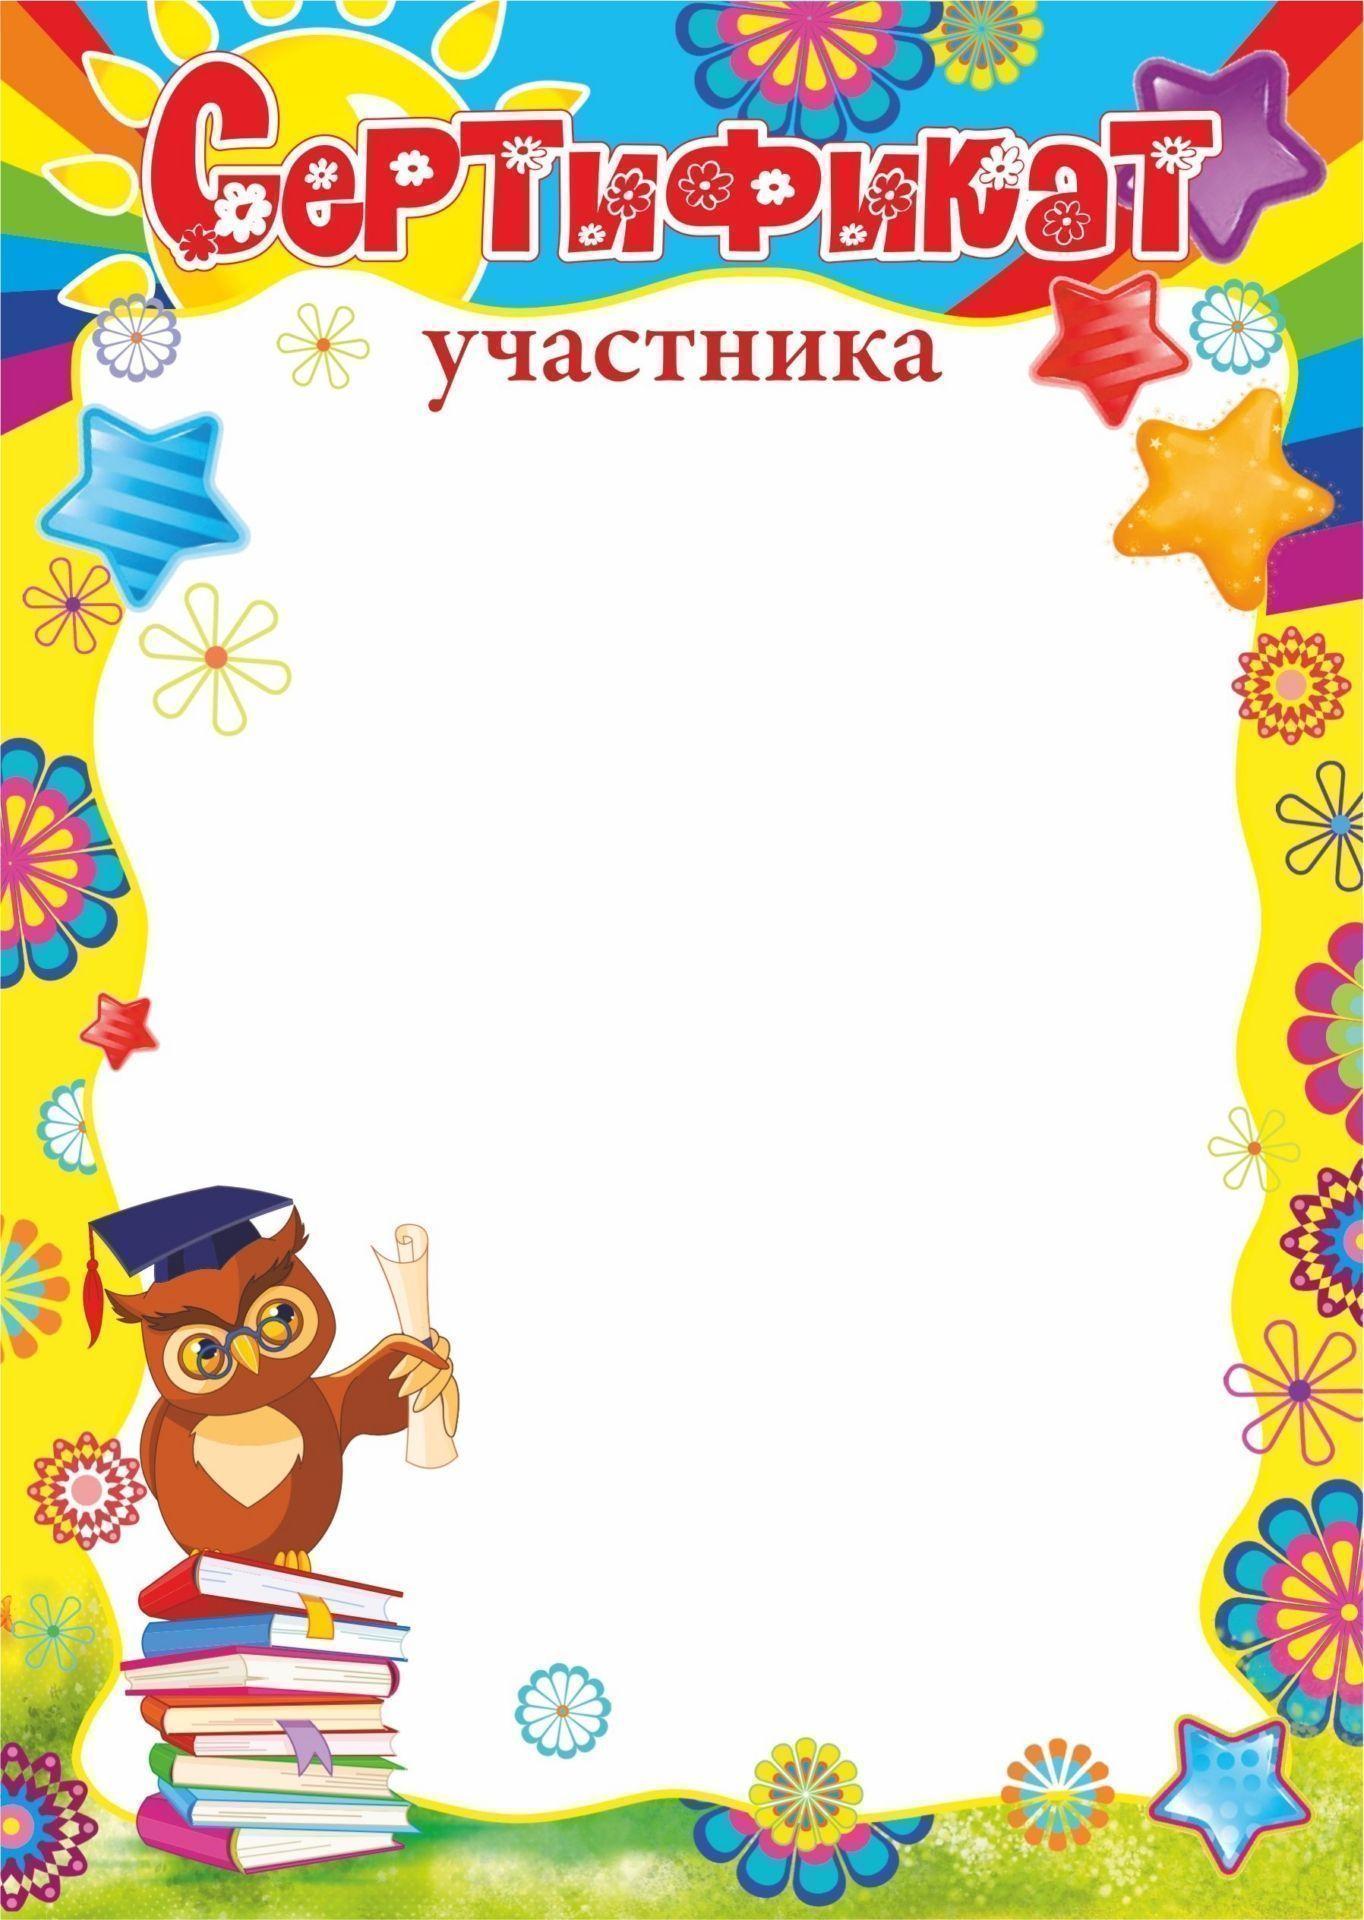 Сертификат участника (детский)Сертификаты<br>Материалы:иллюстрации - бумага мелованная, пл. 250.00.<br><br>Год: 2017<br>Высота: 210<br>Ширина: 148<br>Переплёт: бланк